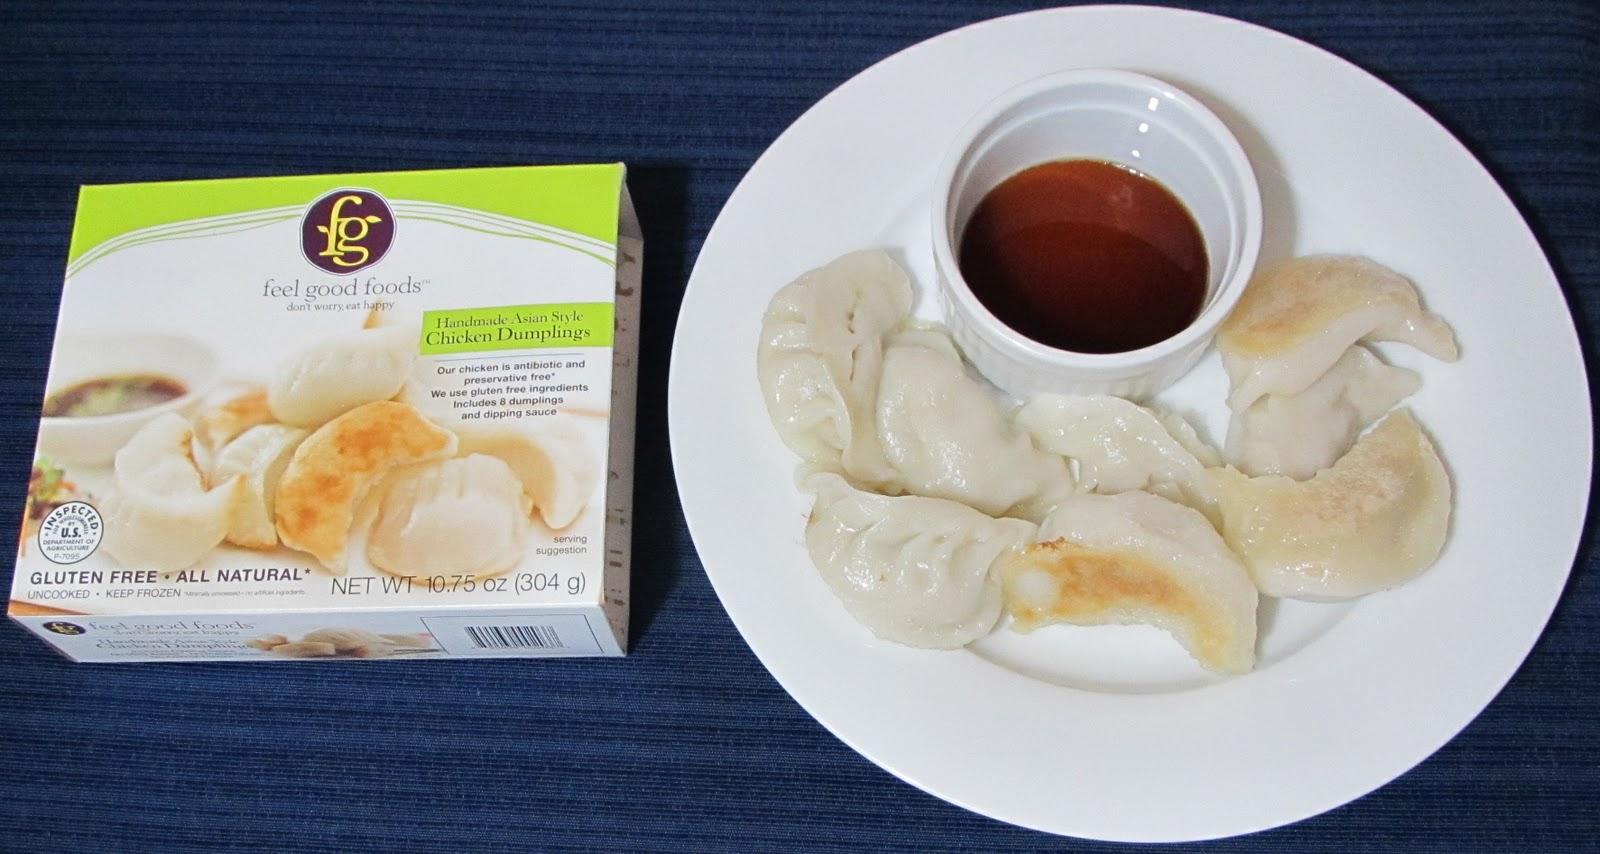 http://2.bp.blogspot.com/-3-C_h8ZAx9o/TtlVengDQqI/AAAAAAAAAQ8/Zqv3L-Q_HGw/s1600/Gluten+Free+Asian+Dumplings+by+Feel+Good+Foods.JPG